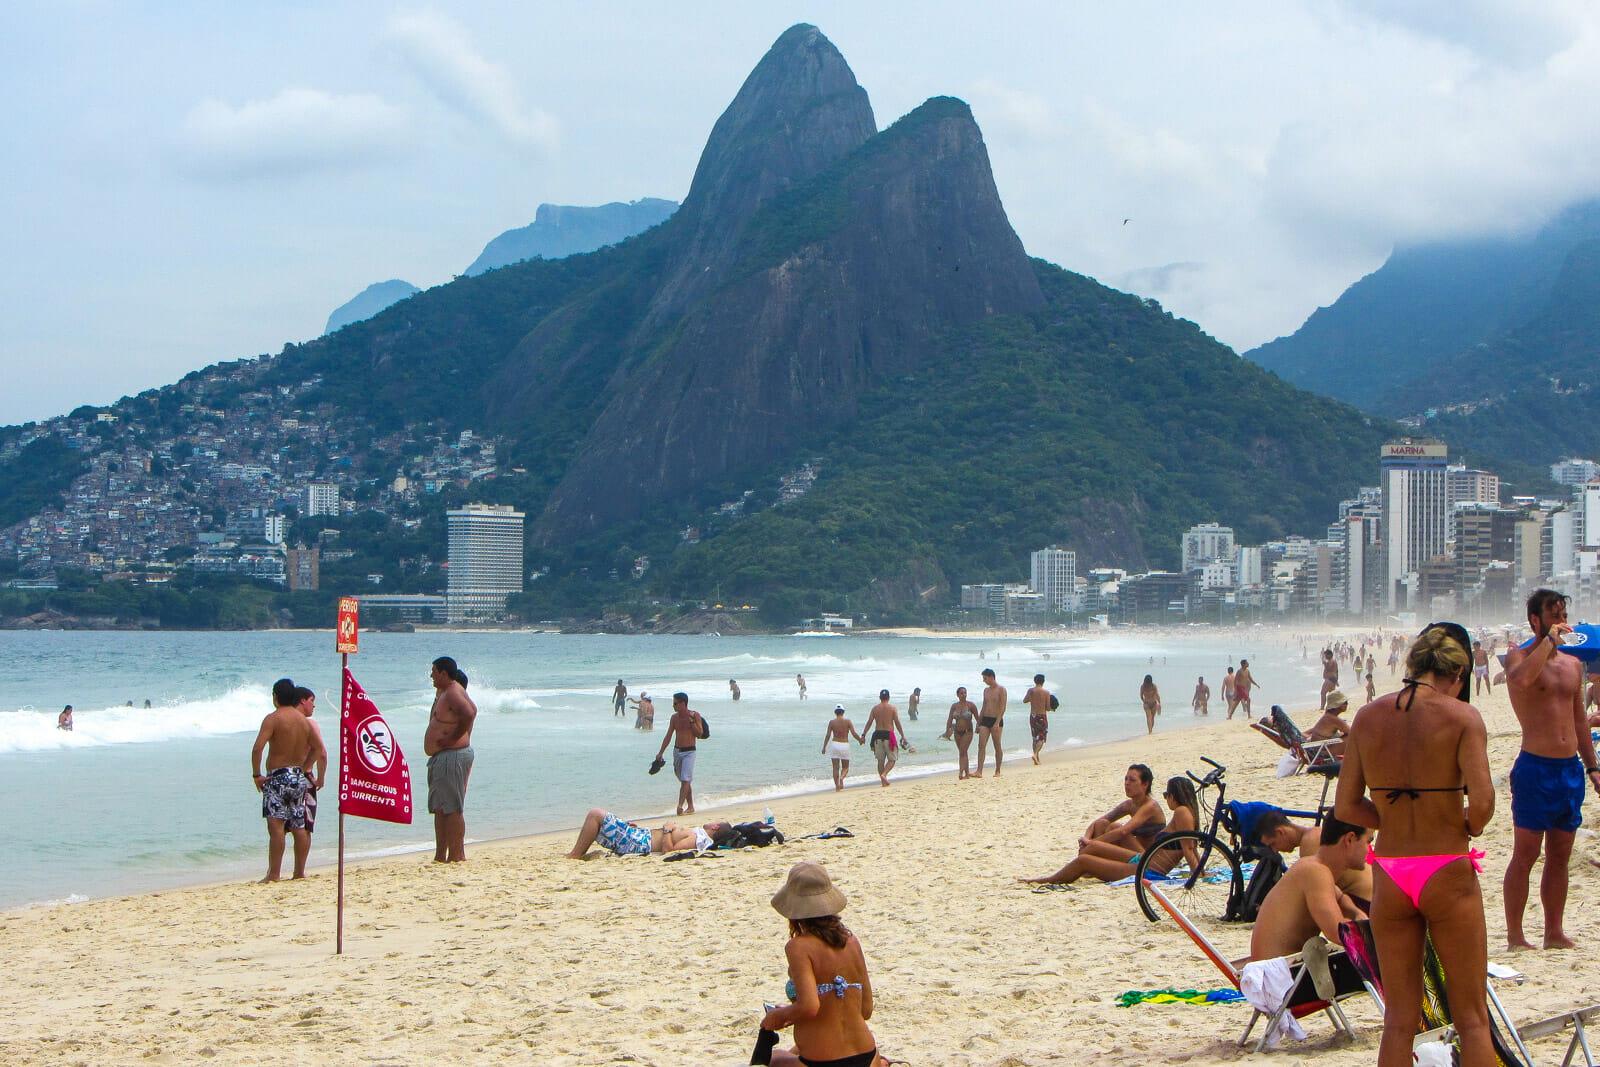 Ipanema beach at Rio de Janeiro, Brazil